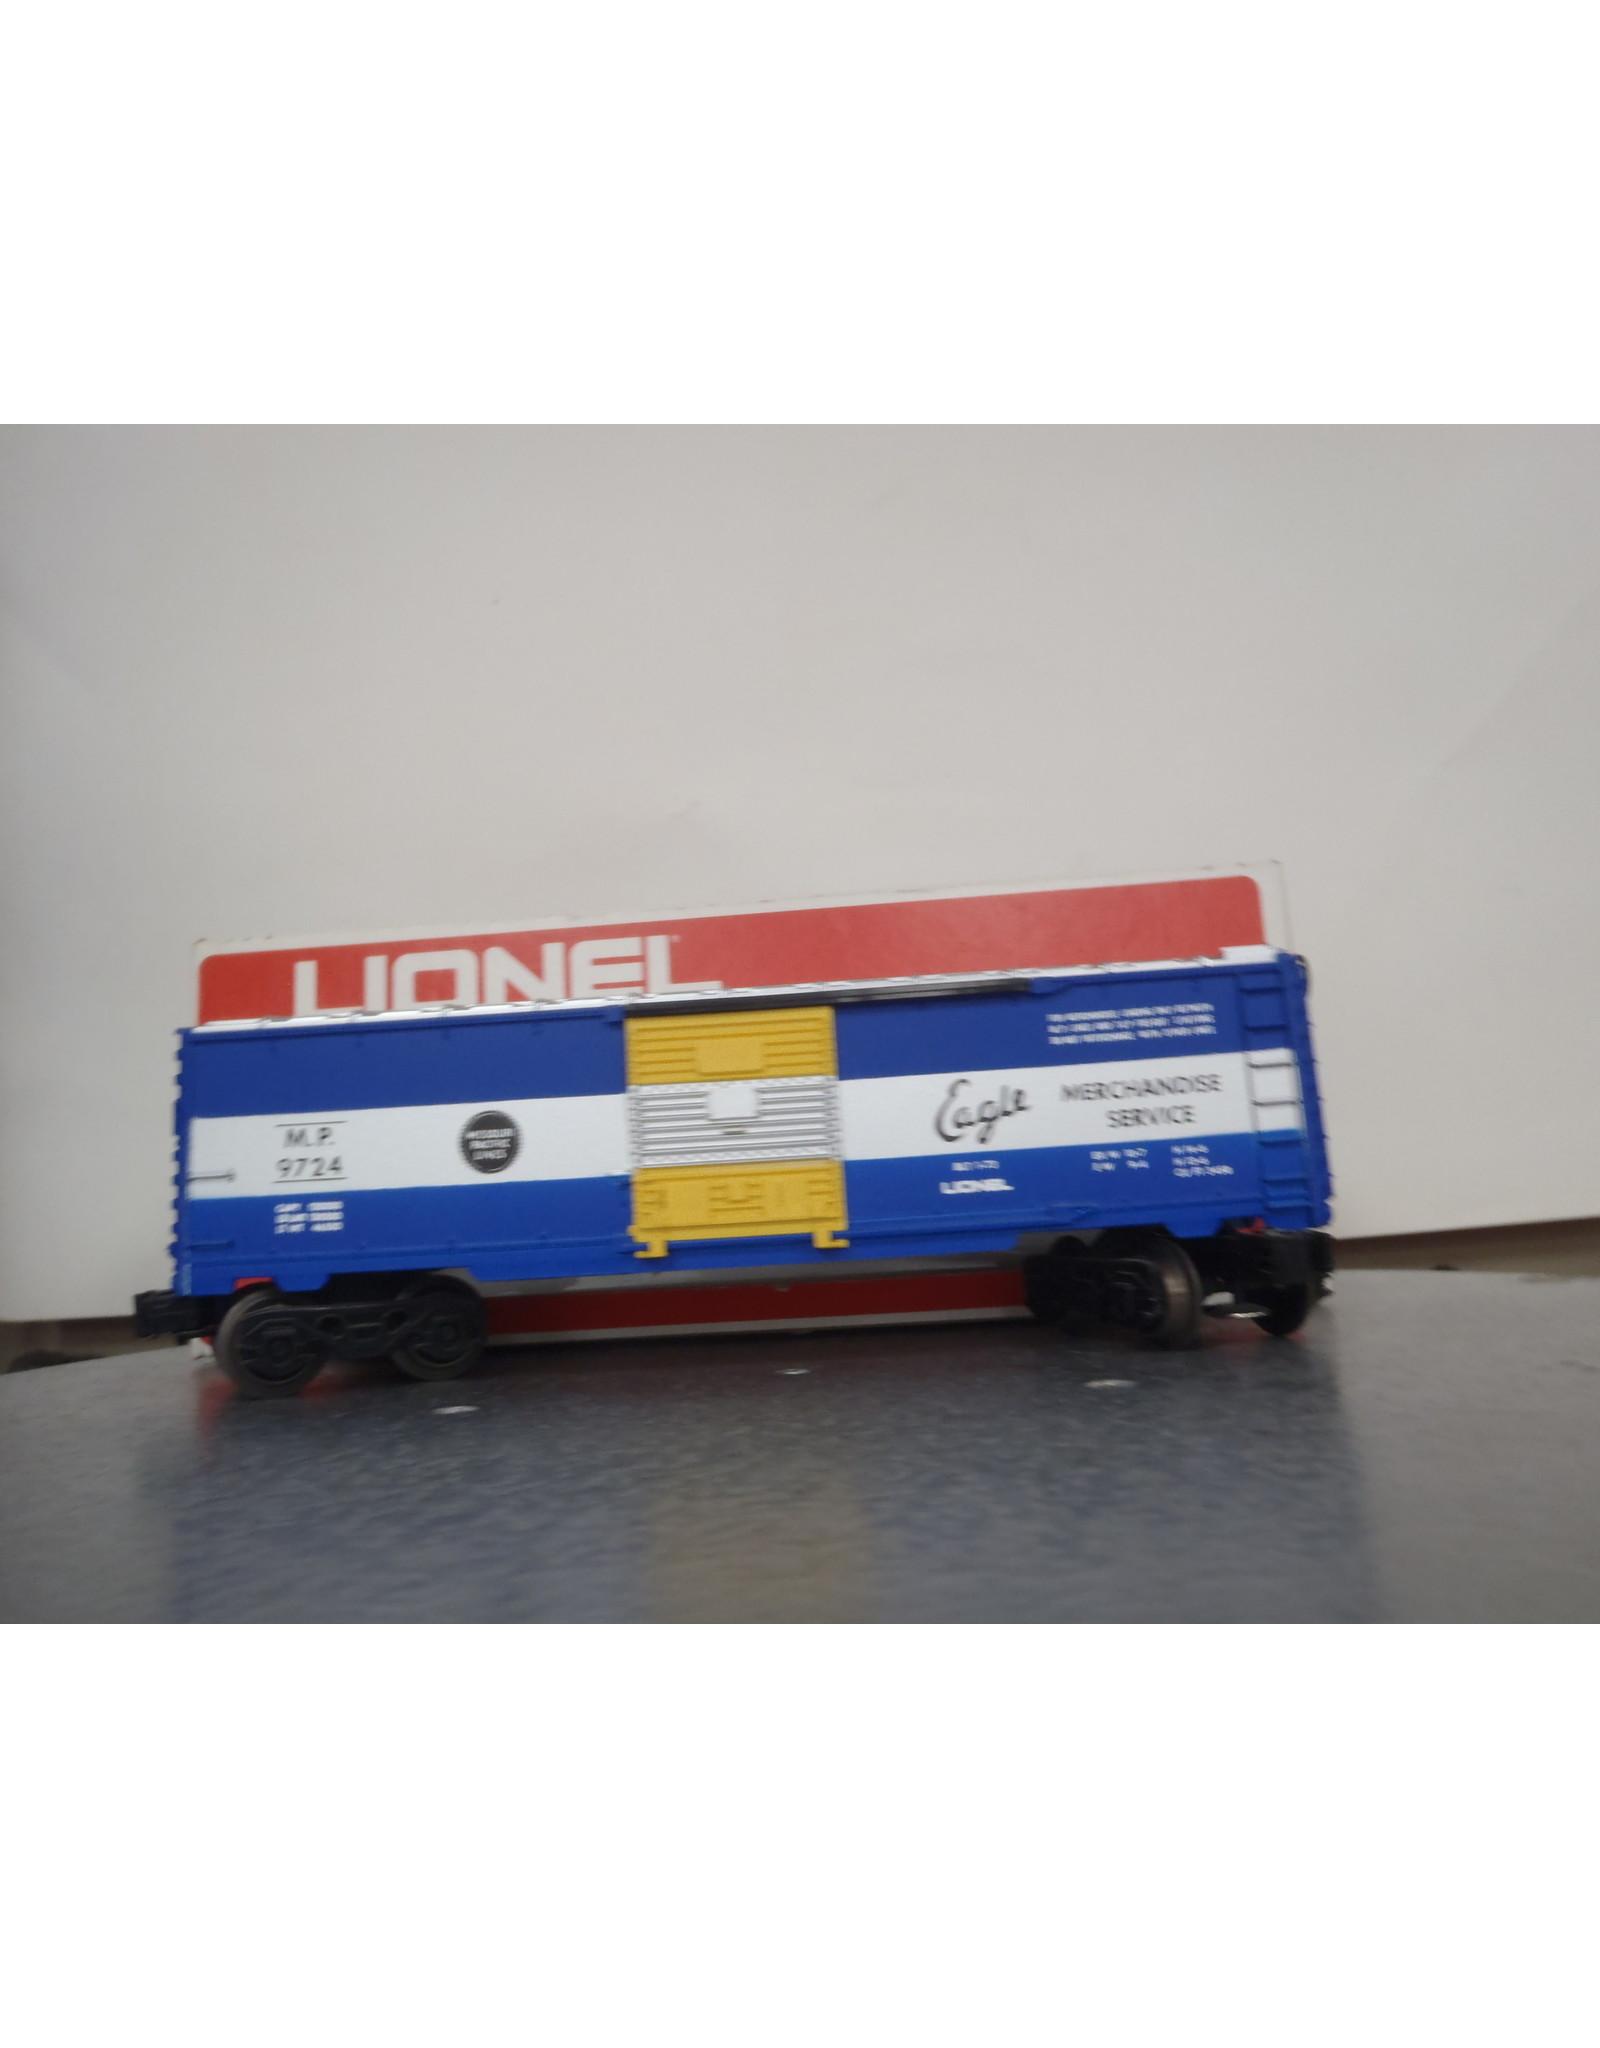 Lionel Boxcar Missouri Pacific 9724